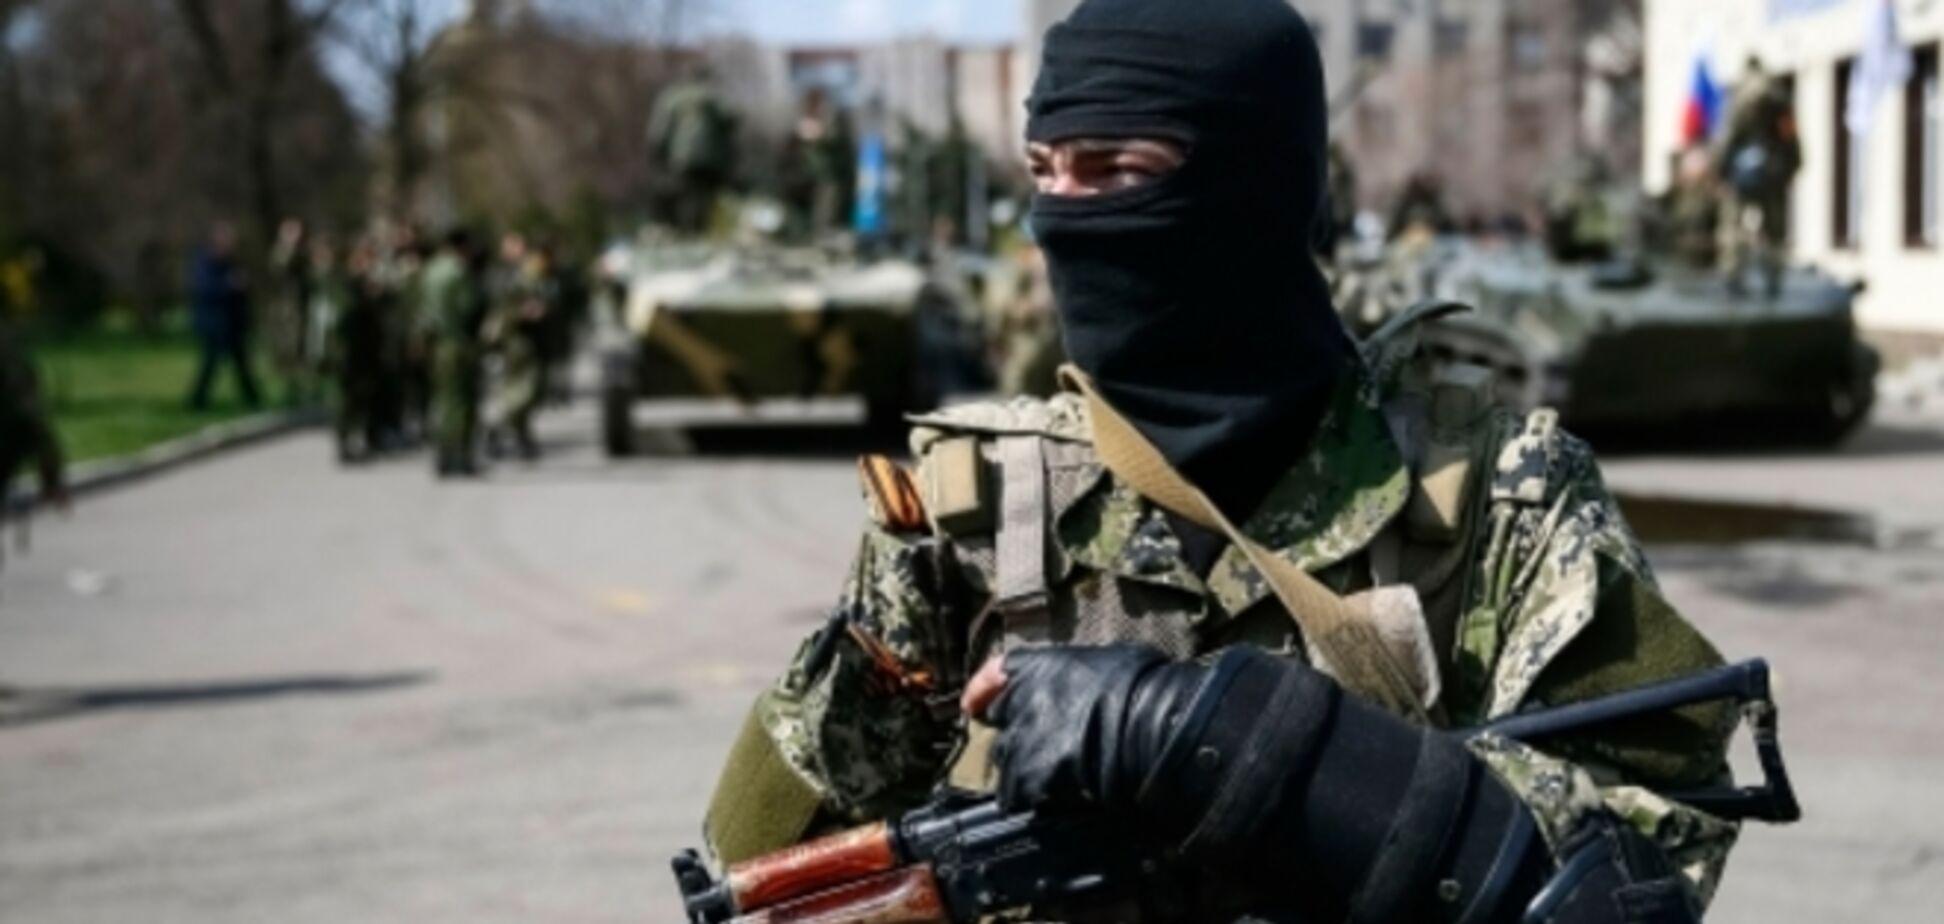 Террористы заставляют предприятия выплачивать зарплату сотрудникам, которые перешли на сторону боевиков